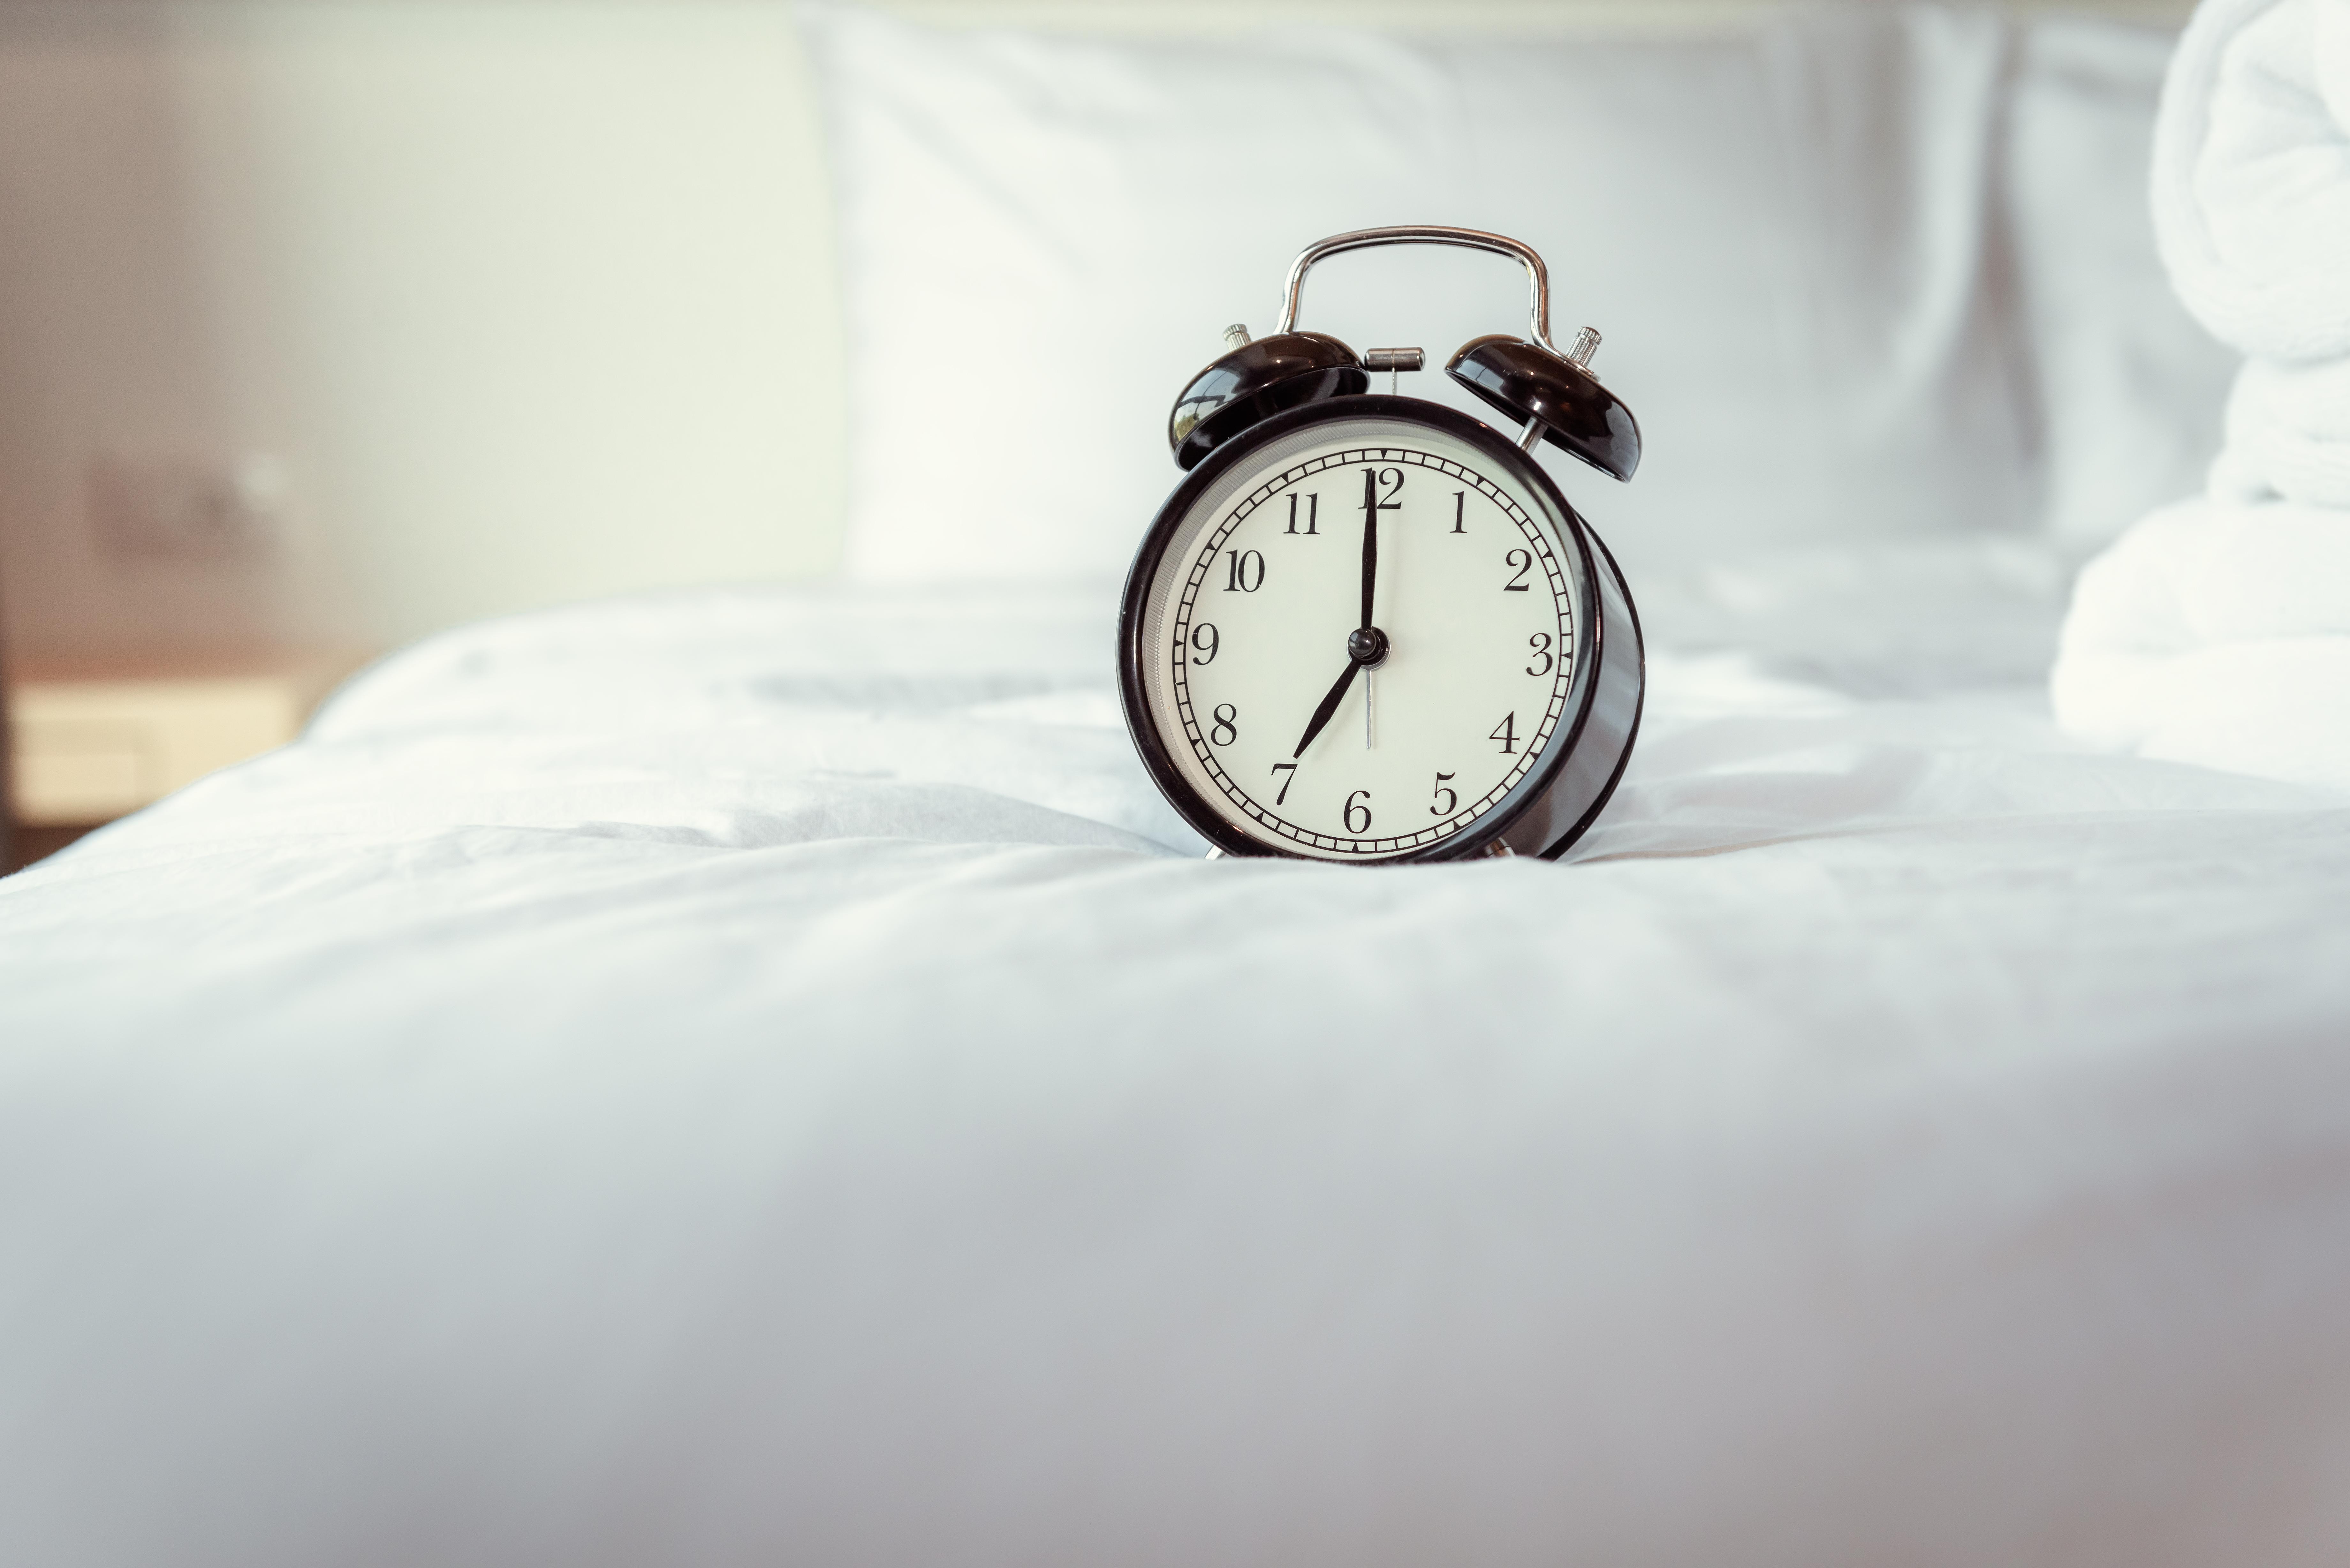 El son com a hàbit saludable